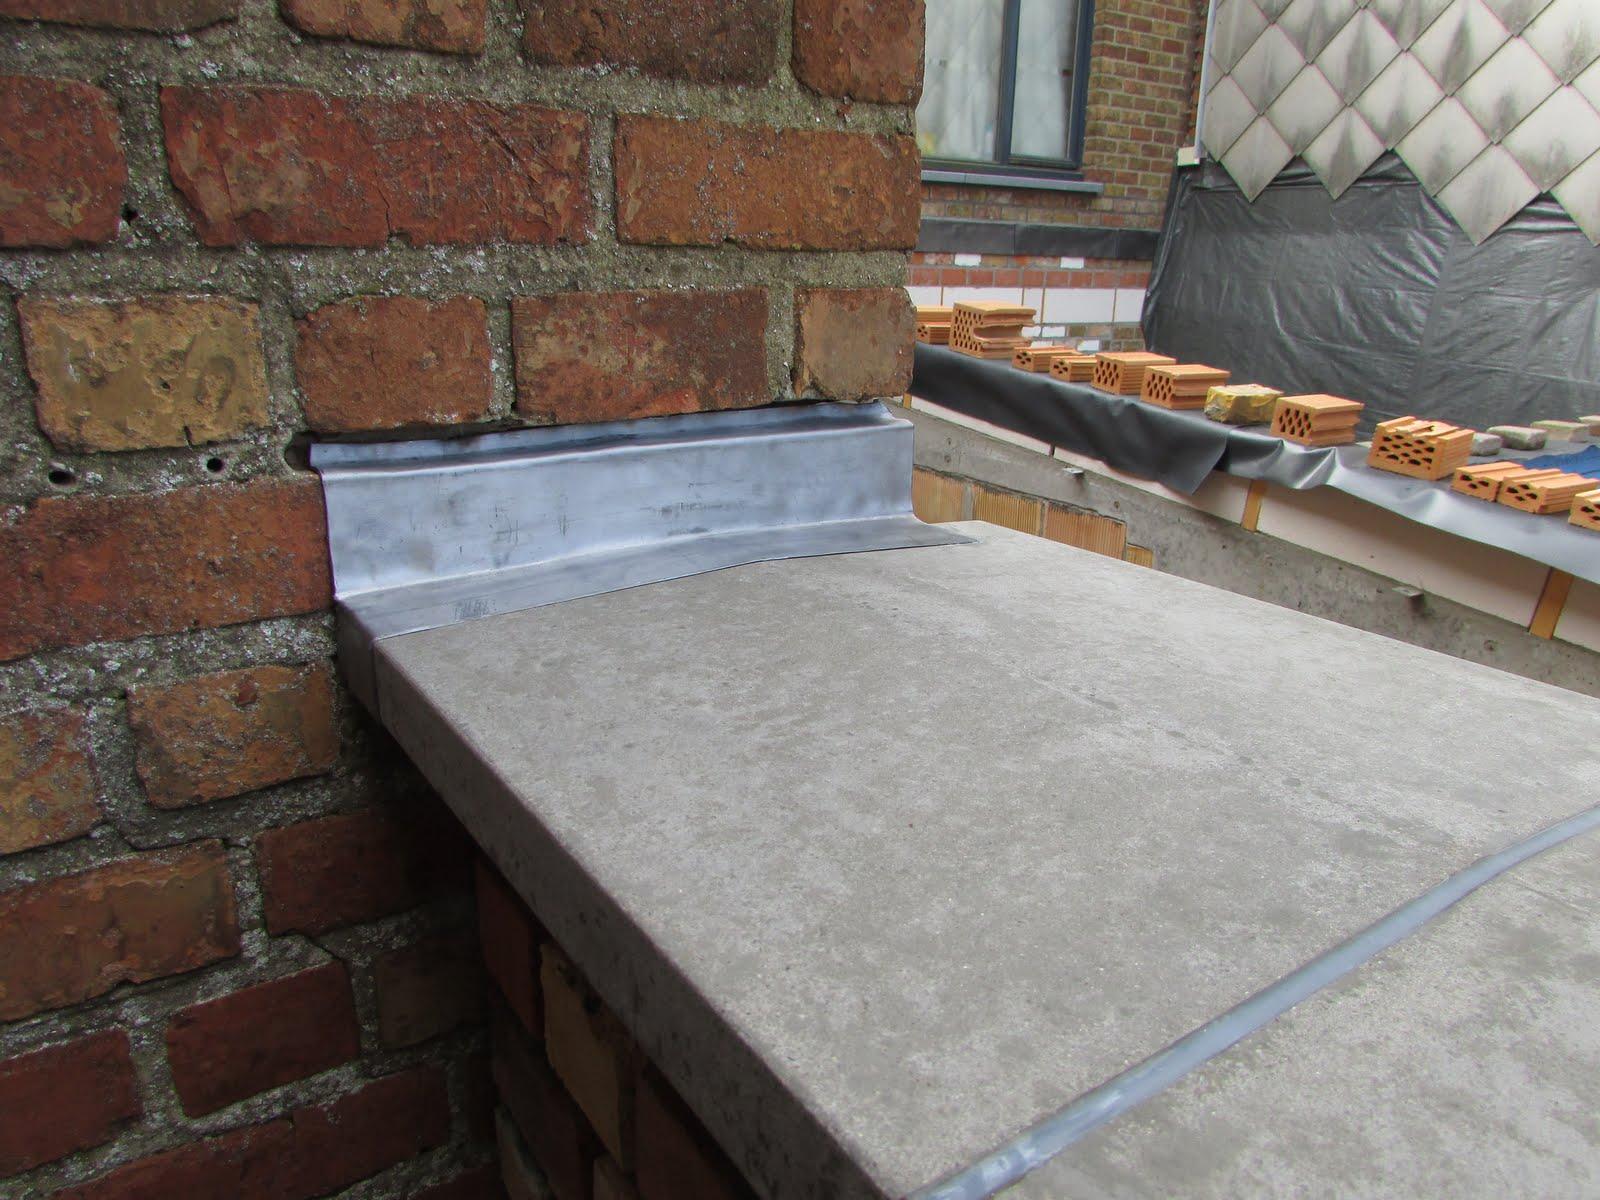 Verbouwing van ons ouderlijk huis ruwbouw uitbreiding 38 - Waterdicht wax beton ...